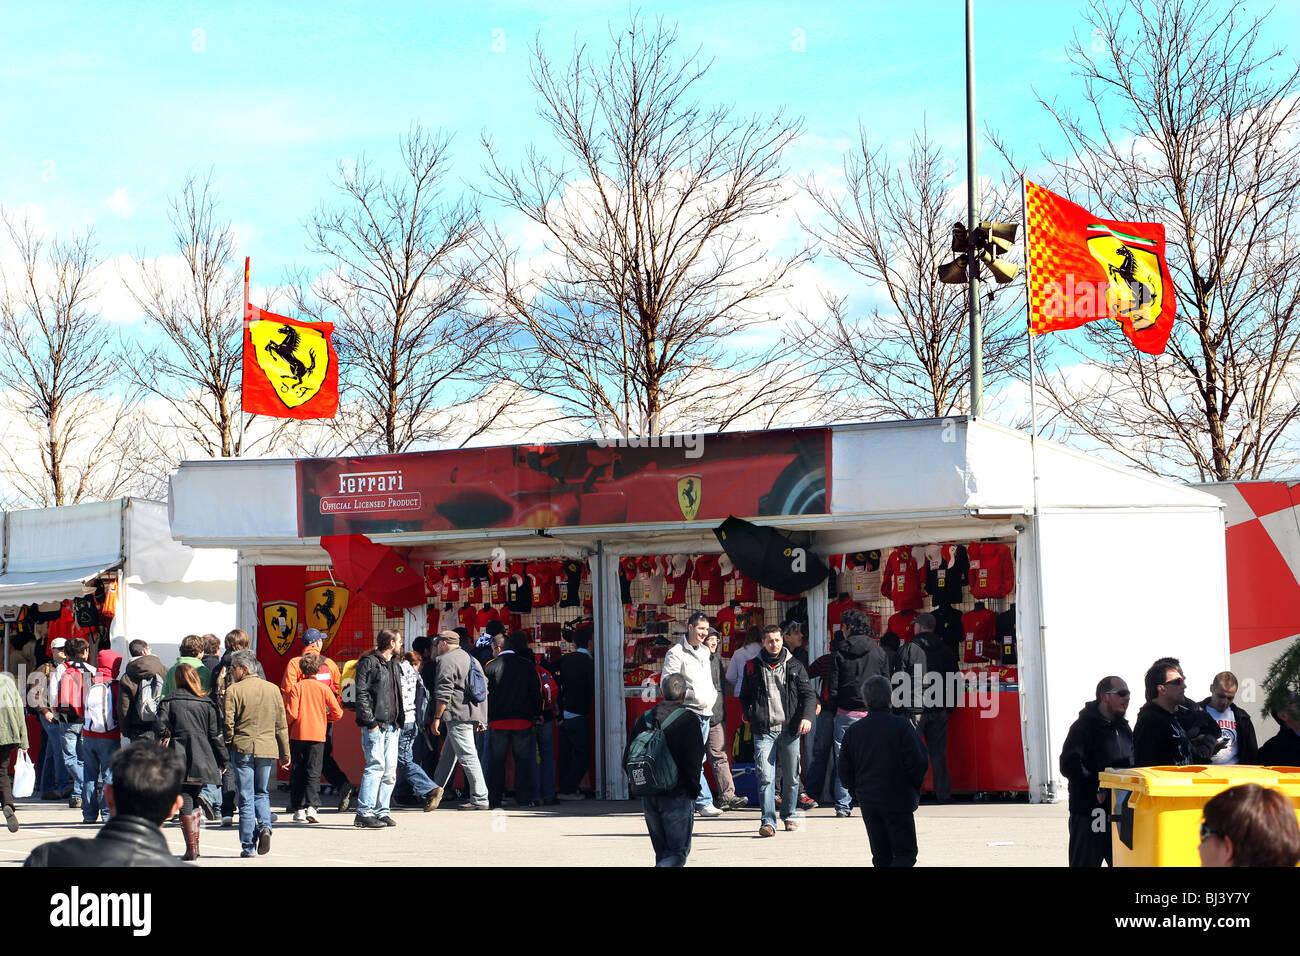 Circuito Montmelo : Ferrari recuerdos para venta en el circuito de montmelo barcelona